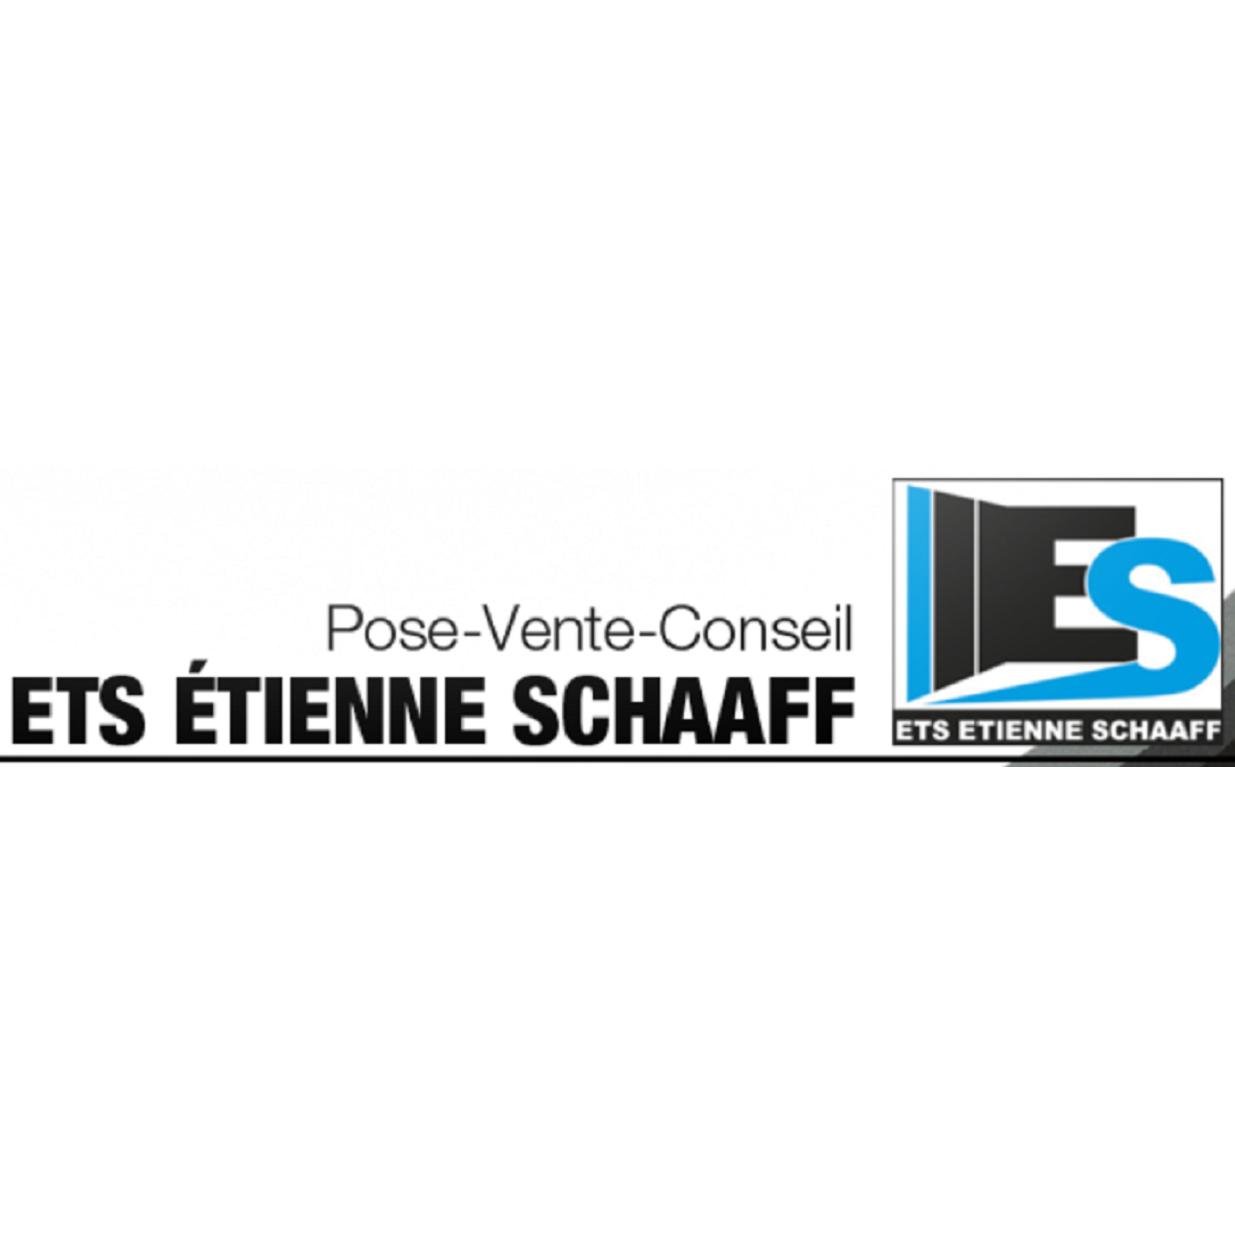 Schaaff Etienne